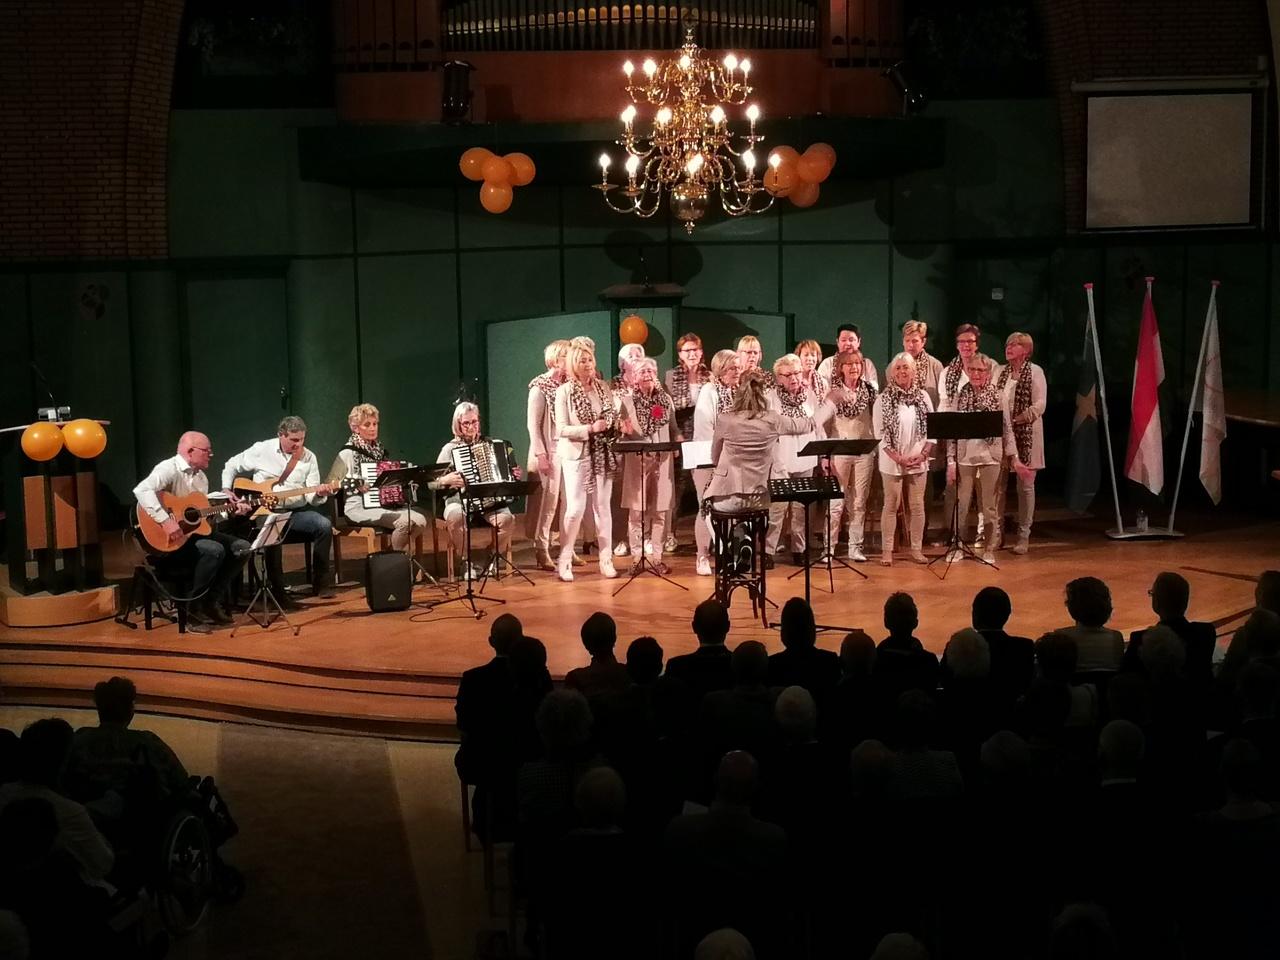 Bevrijdingsfestival 2019 - Dameskoor Ontroerend Goed (Oldenzaal0